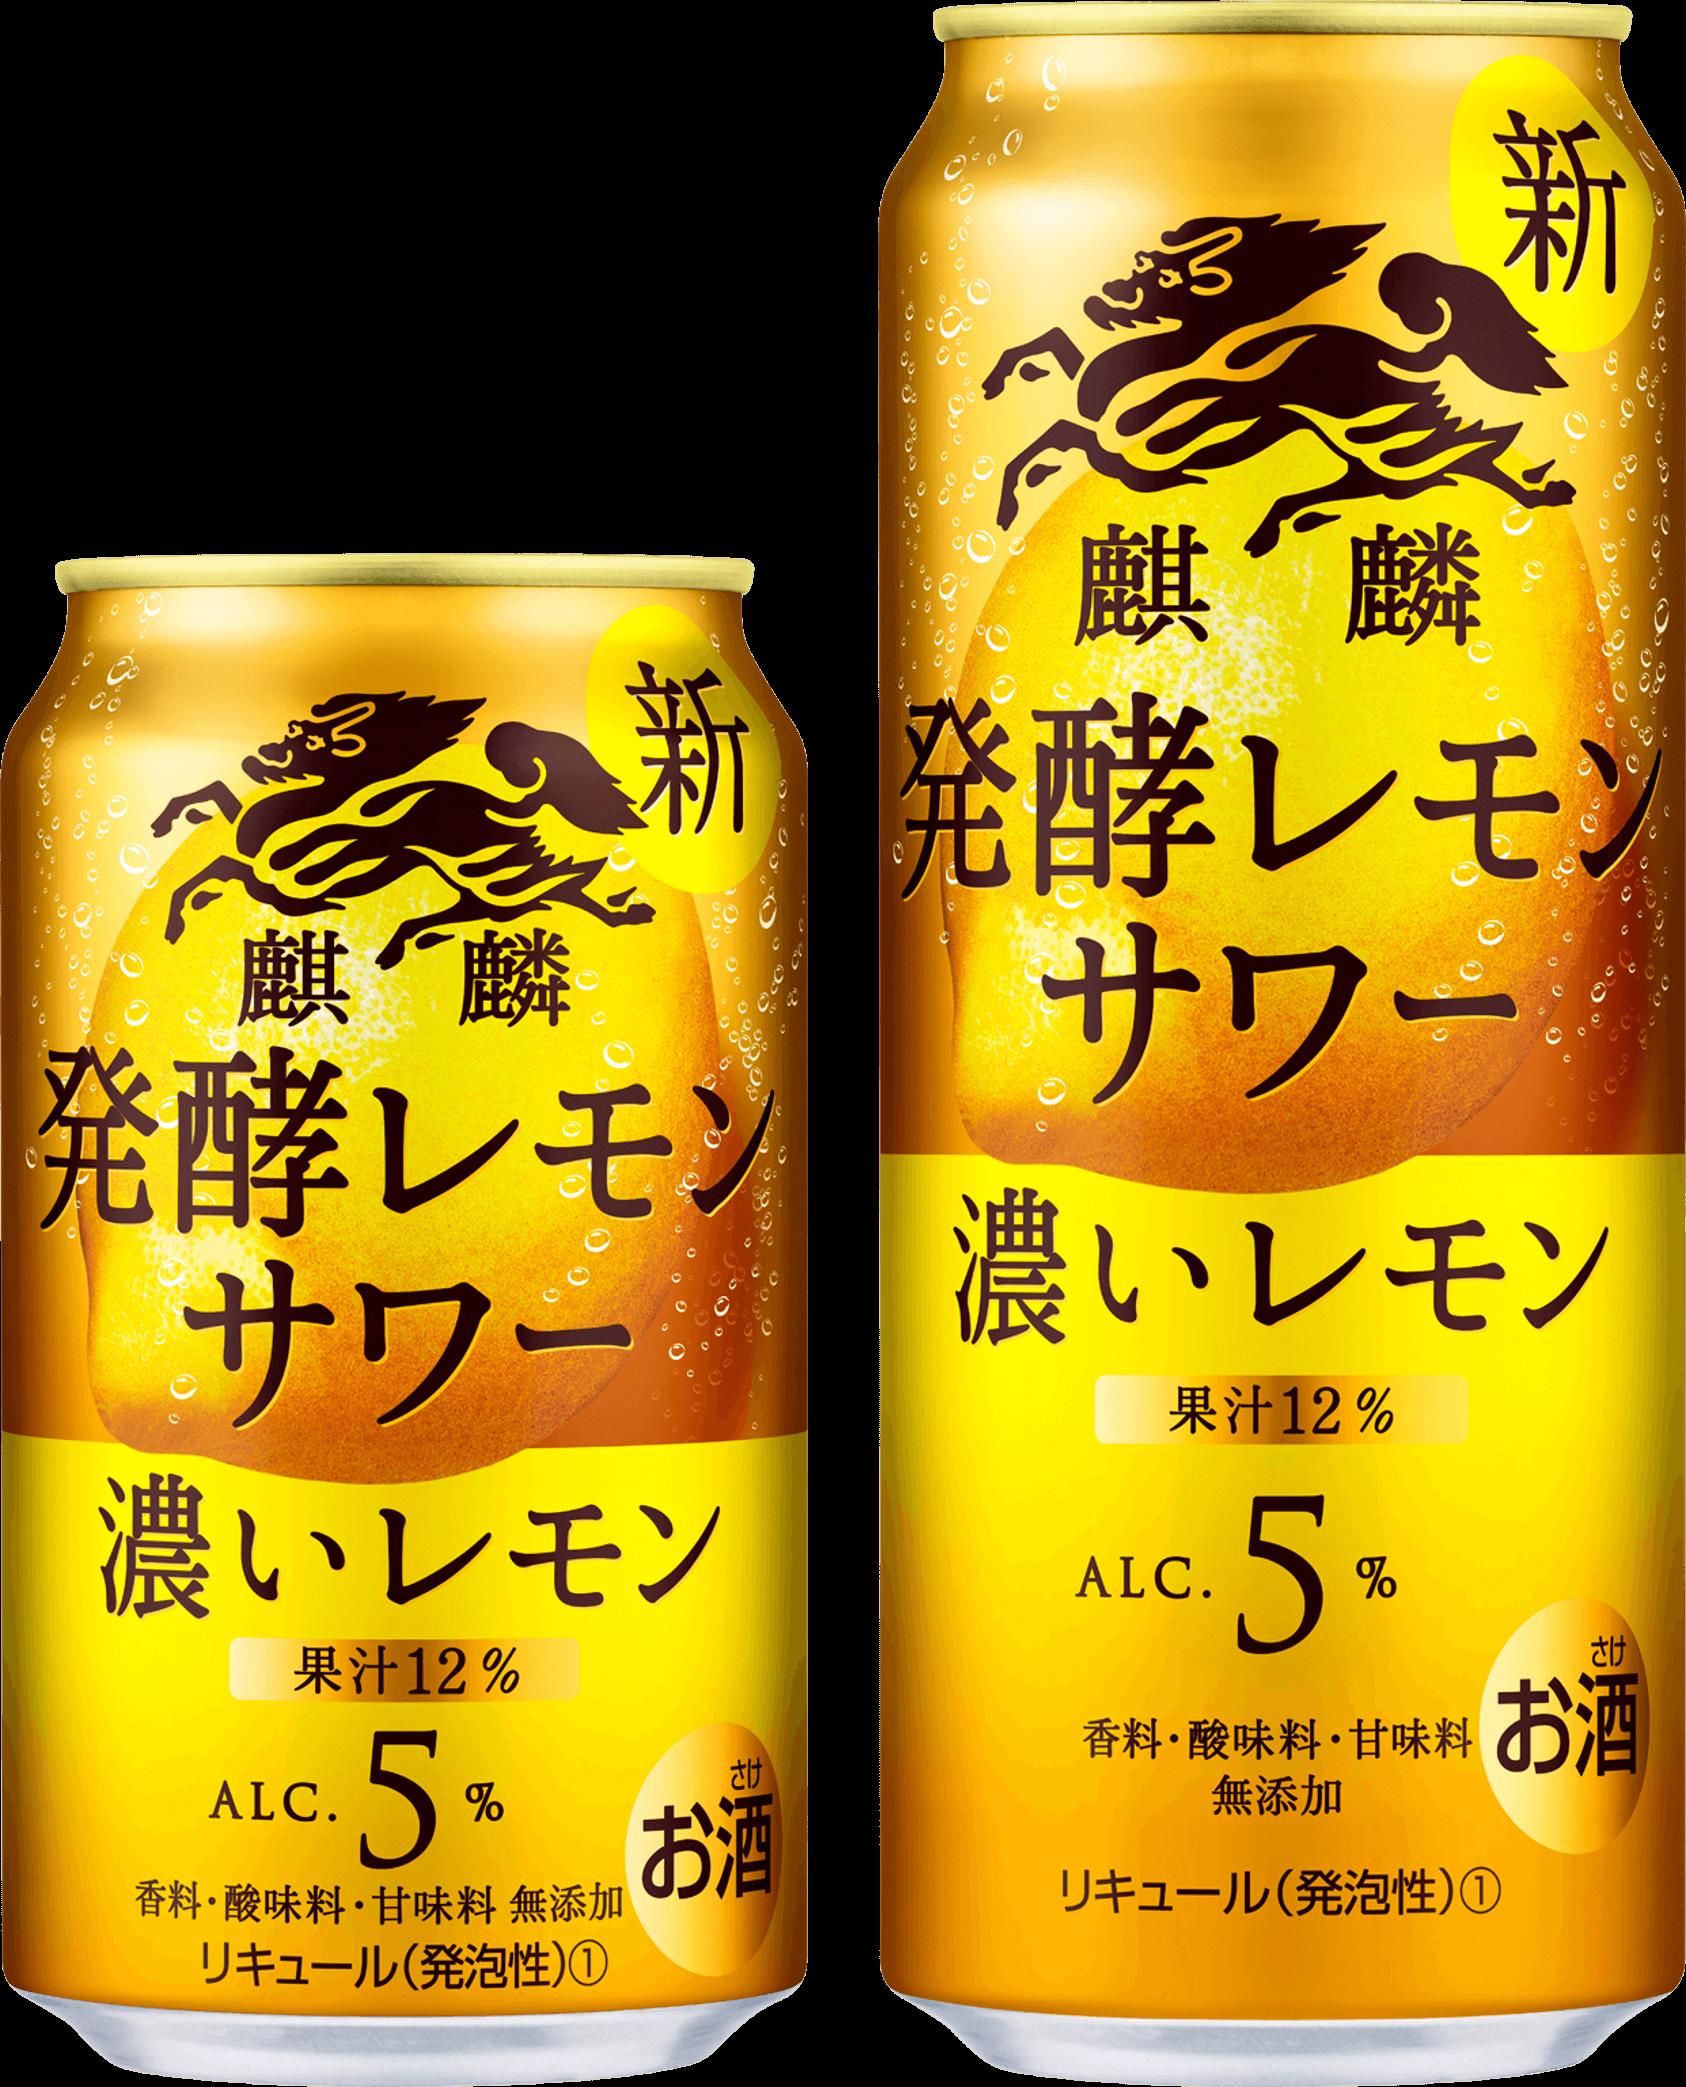 『麒麟 発酵レモンサワー 濃いレモン』